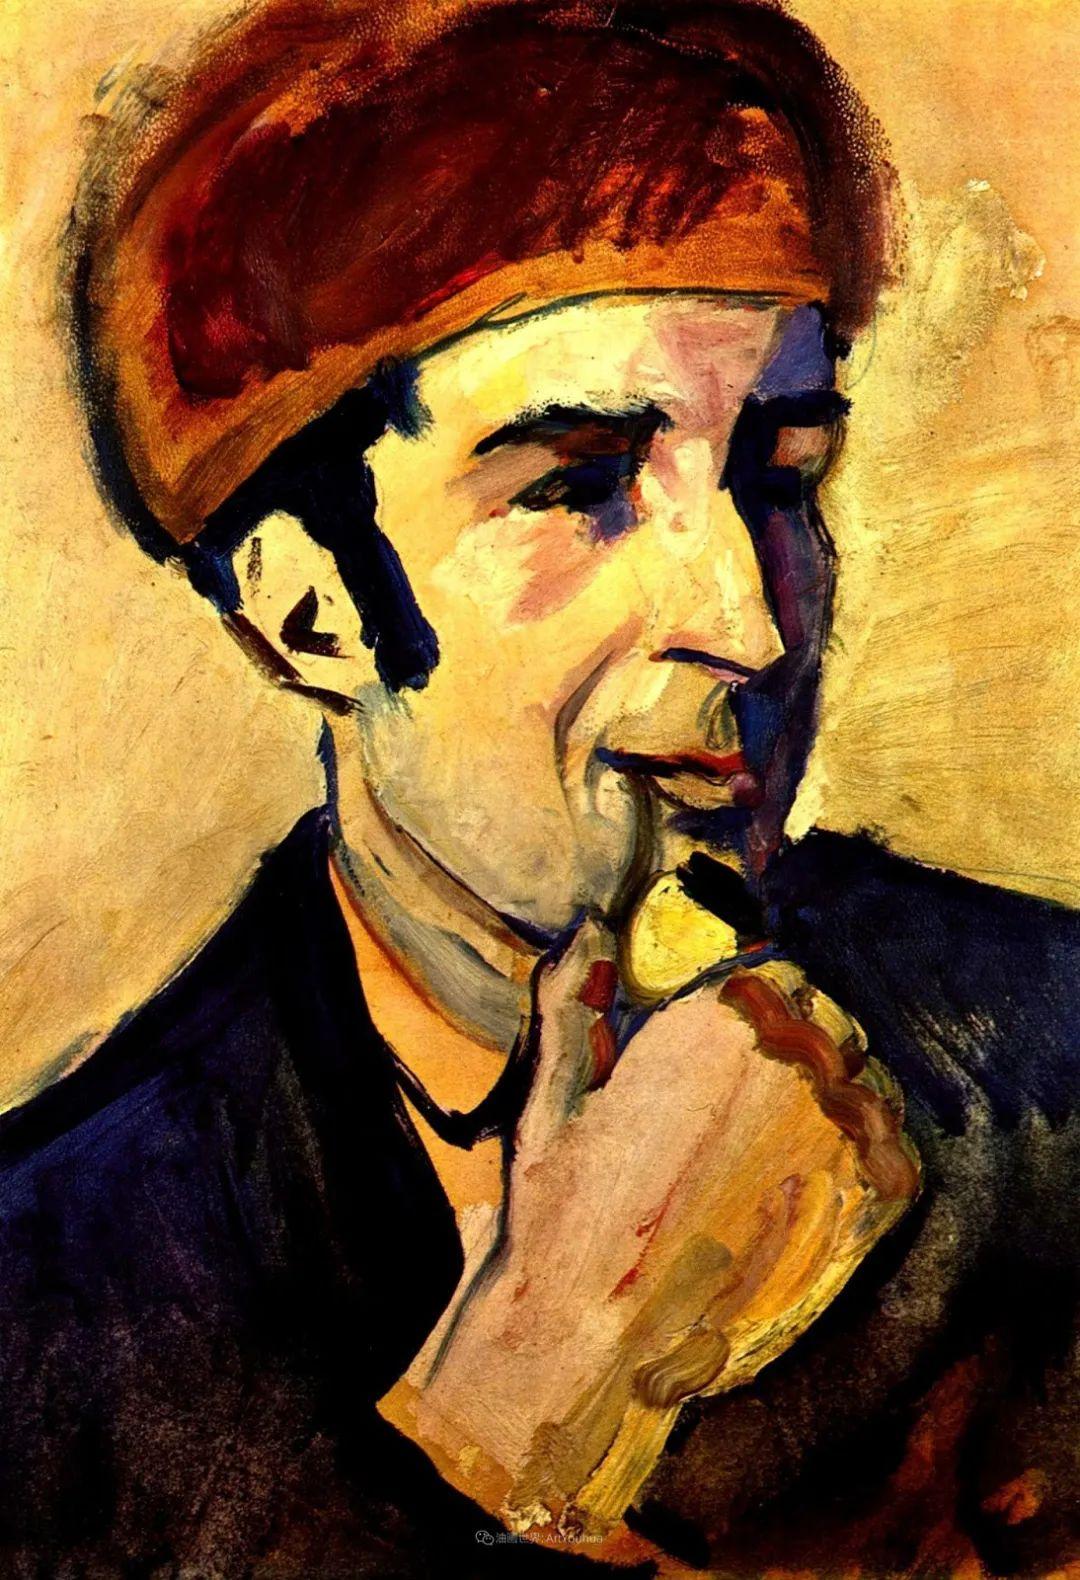 画面色彩的力量,德国表现主义画家奥古斯特·马克插图107